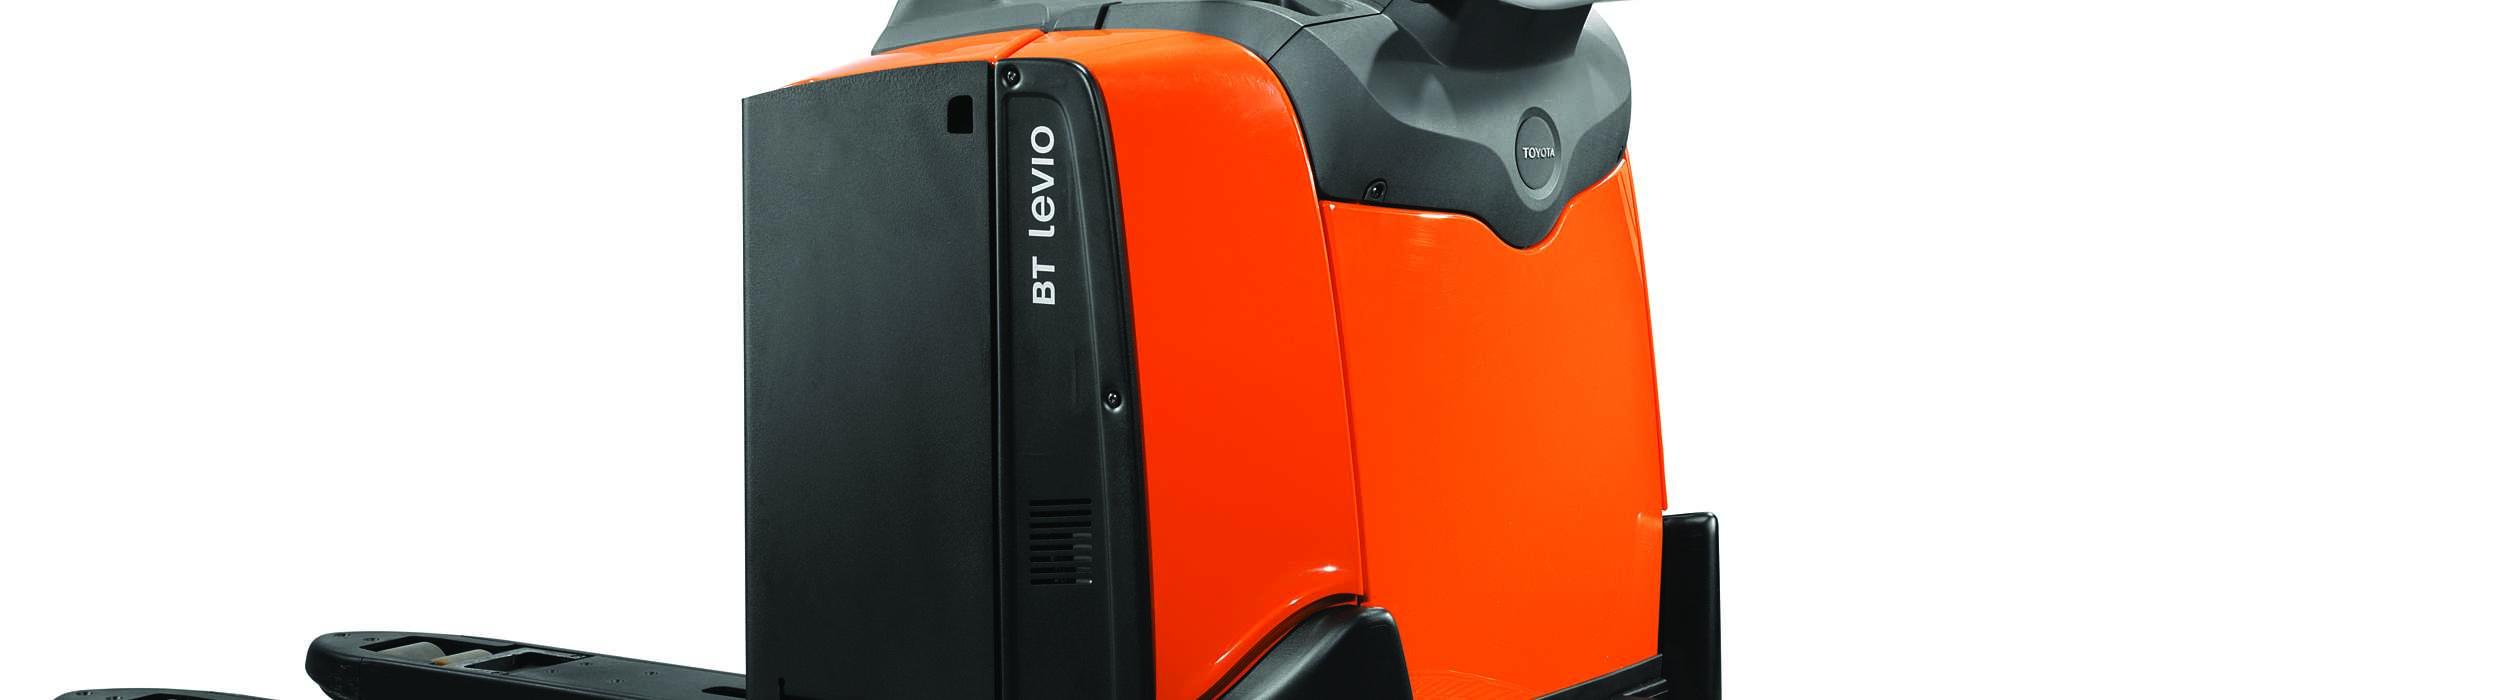 Dravý výkon modelu Levio ve společnosti Foxconn